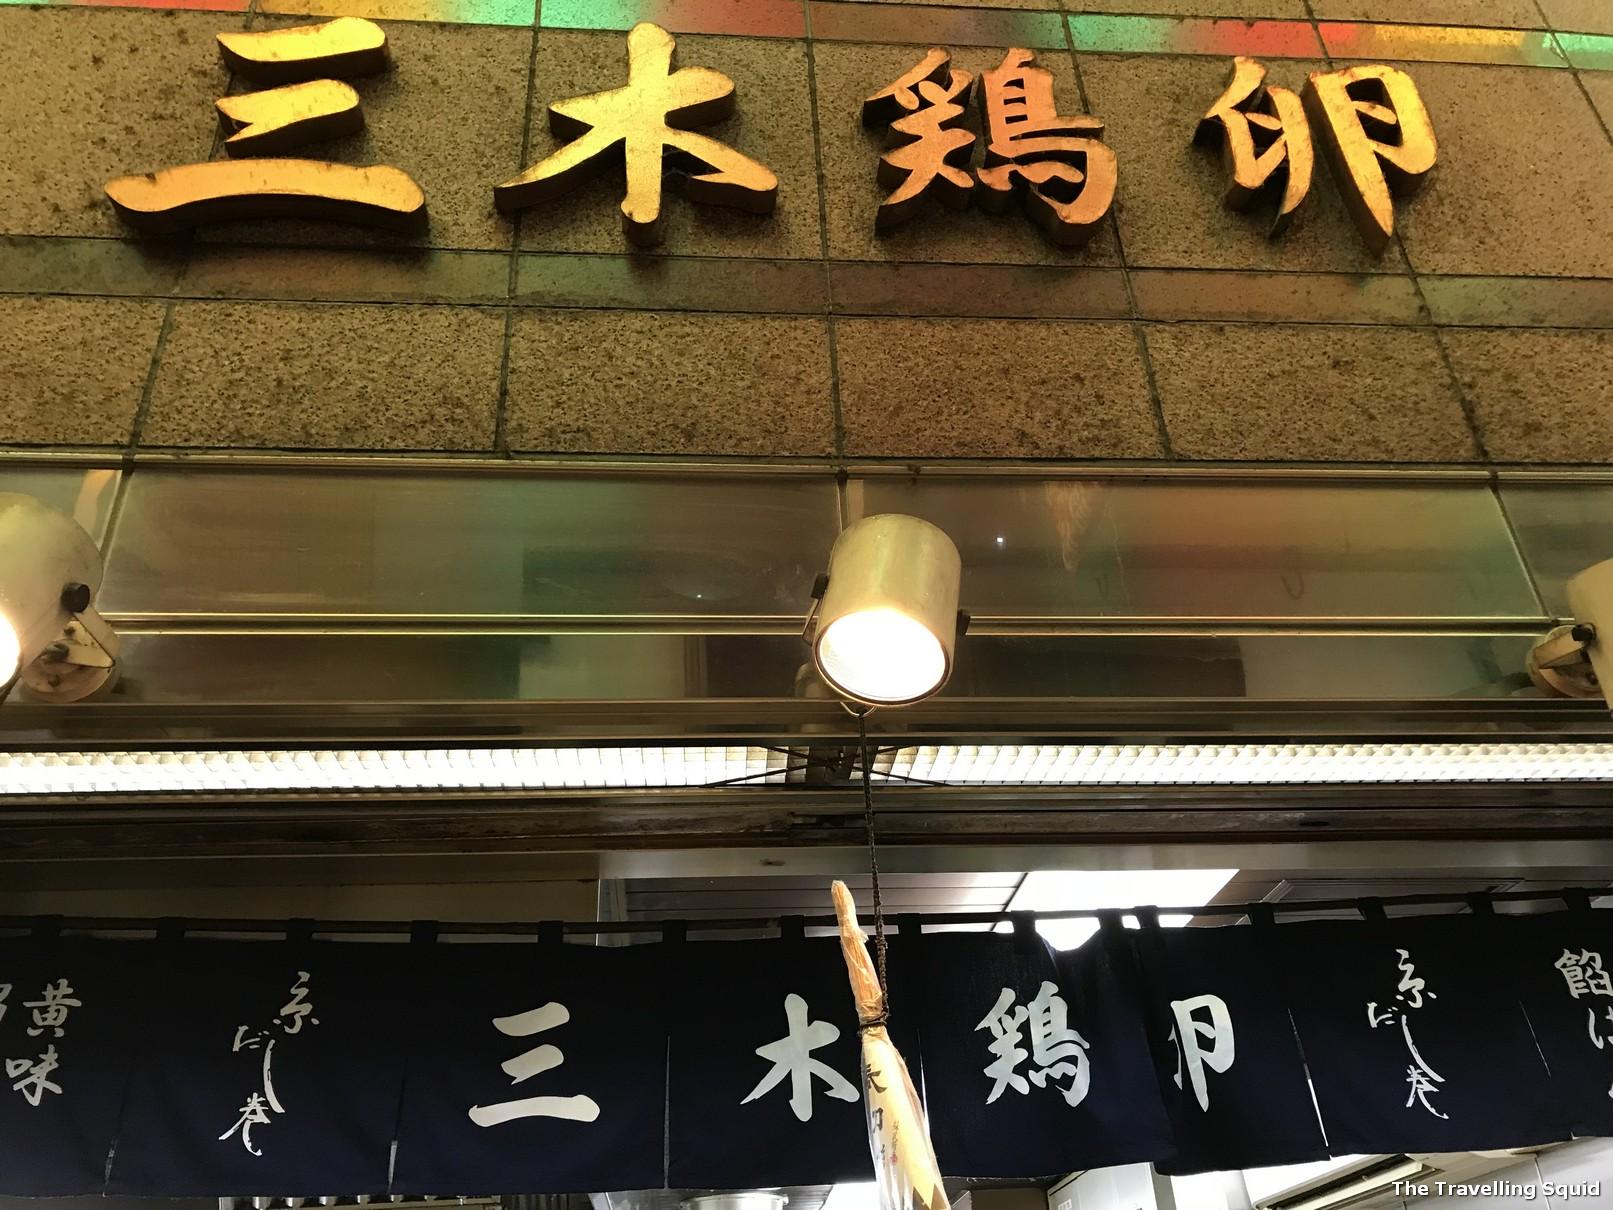 Miki Keiran eggs nishiki market